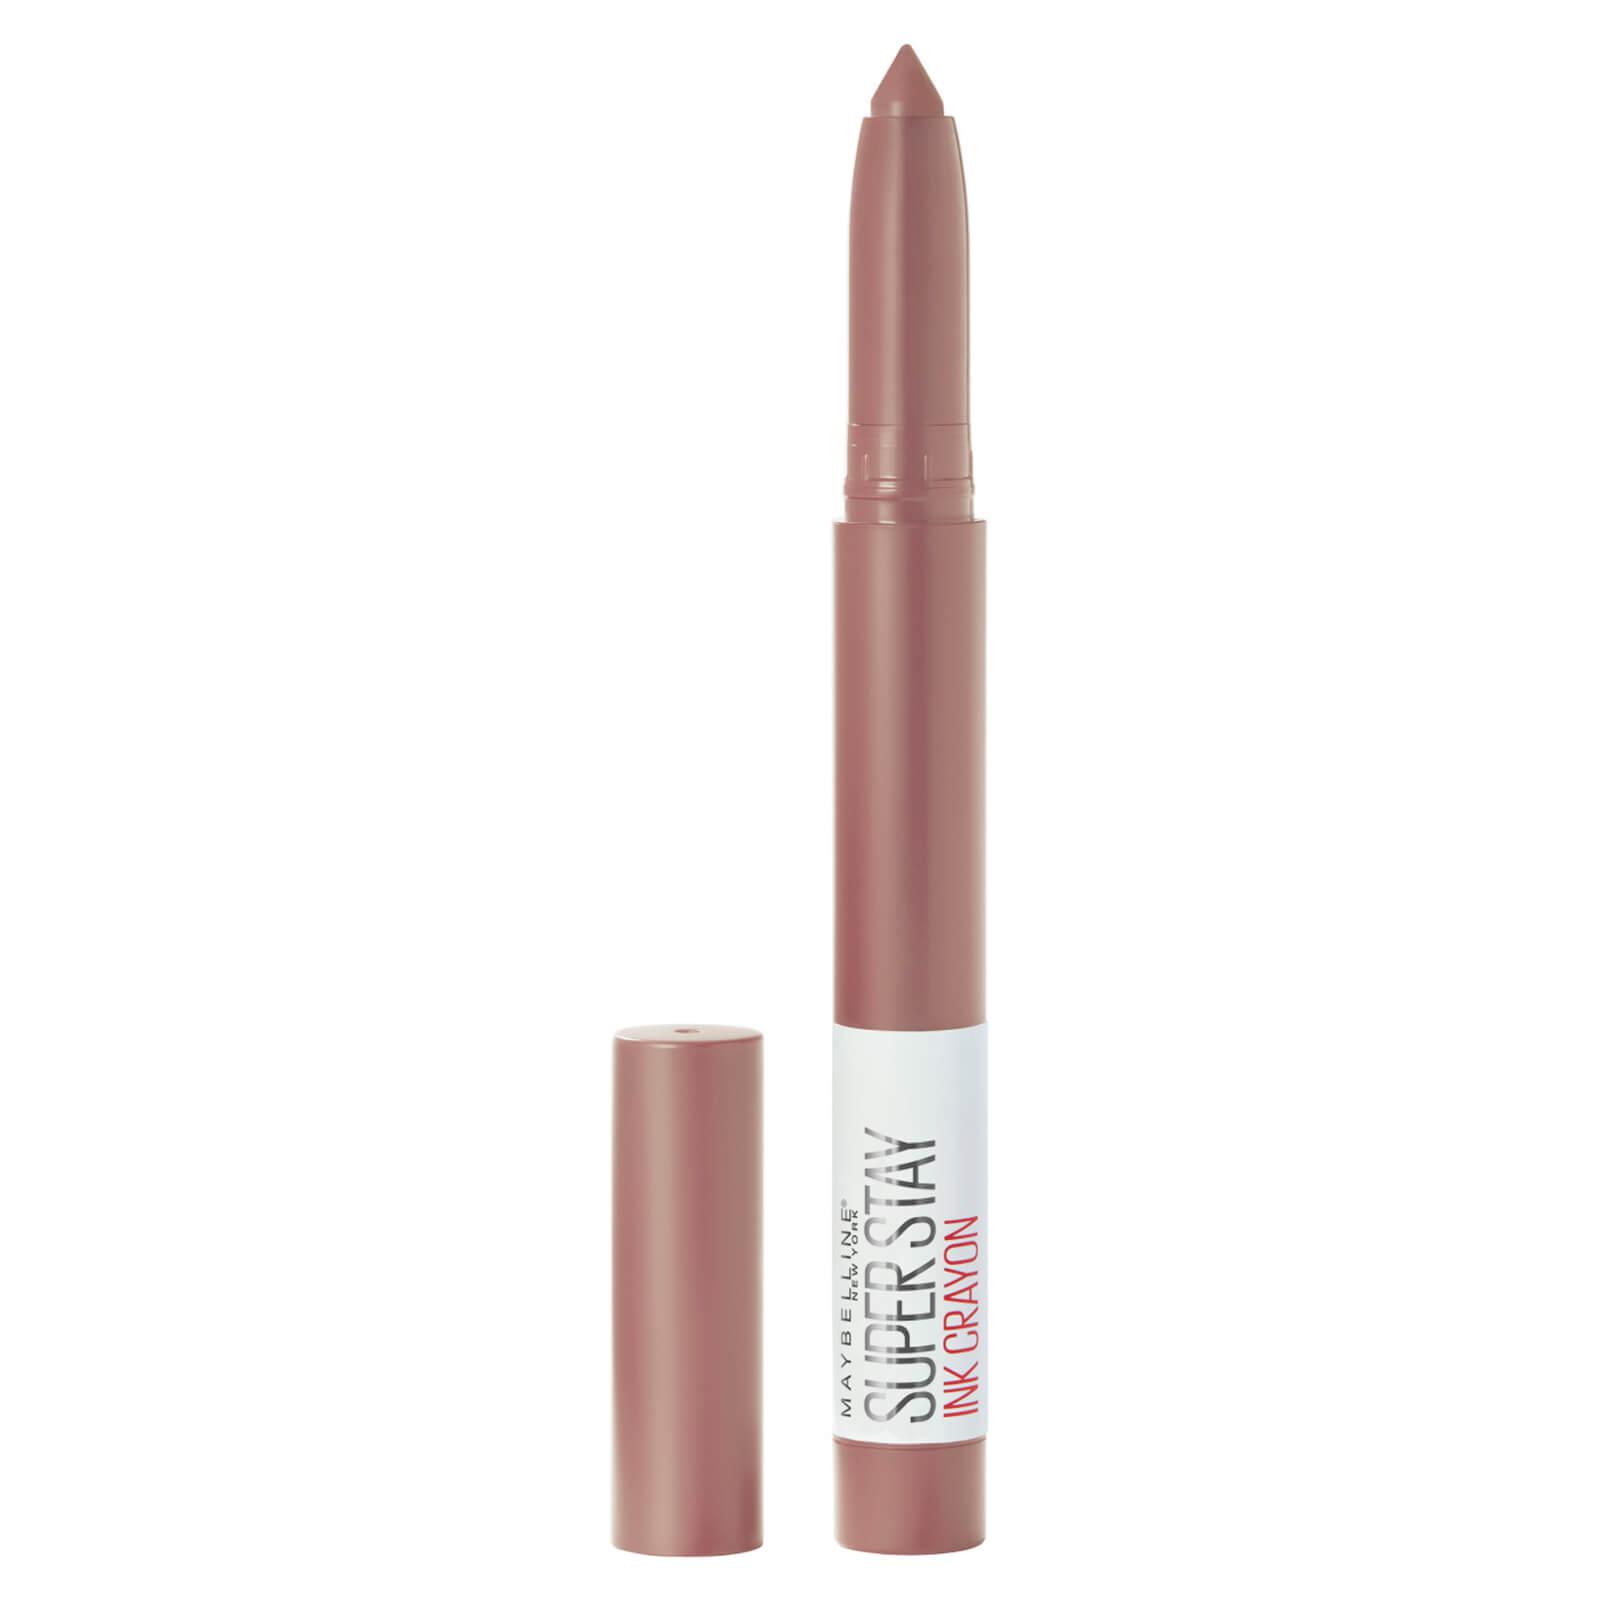 Maybelline Superstay Matte Ink Crayon Lipstick 32g (Various Shades) - 10 Trust Your Gut  - Купить